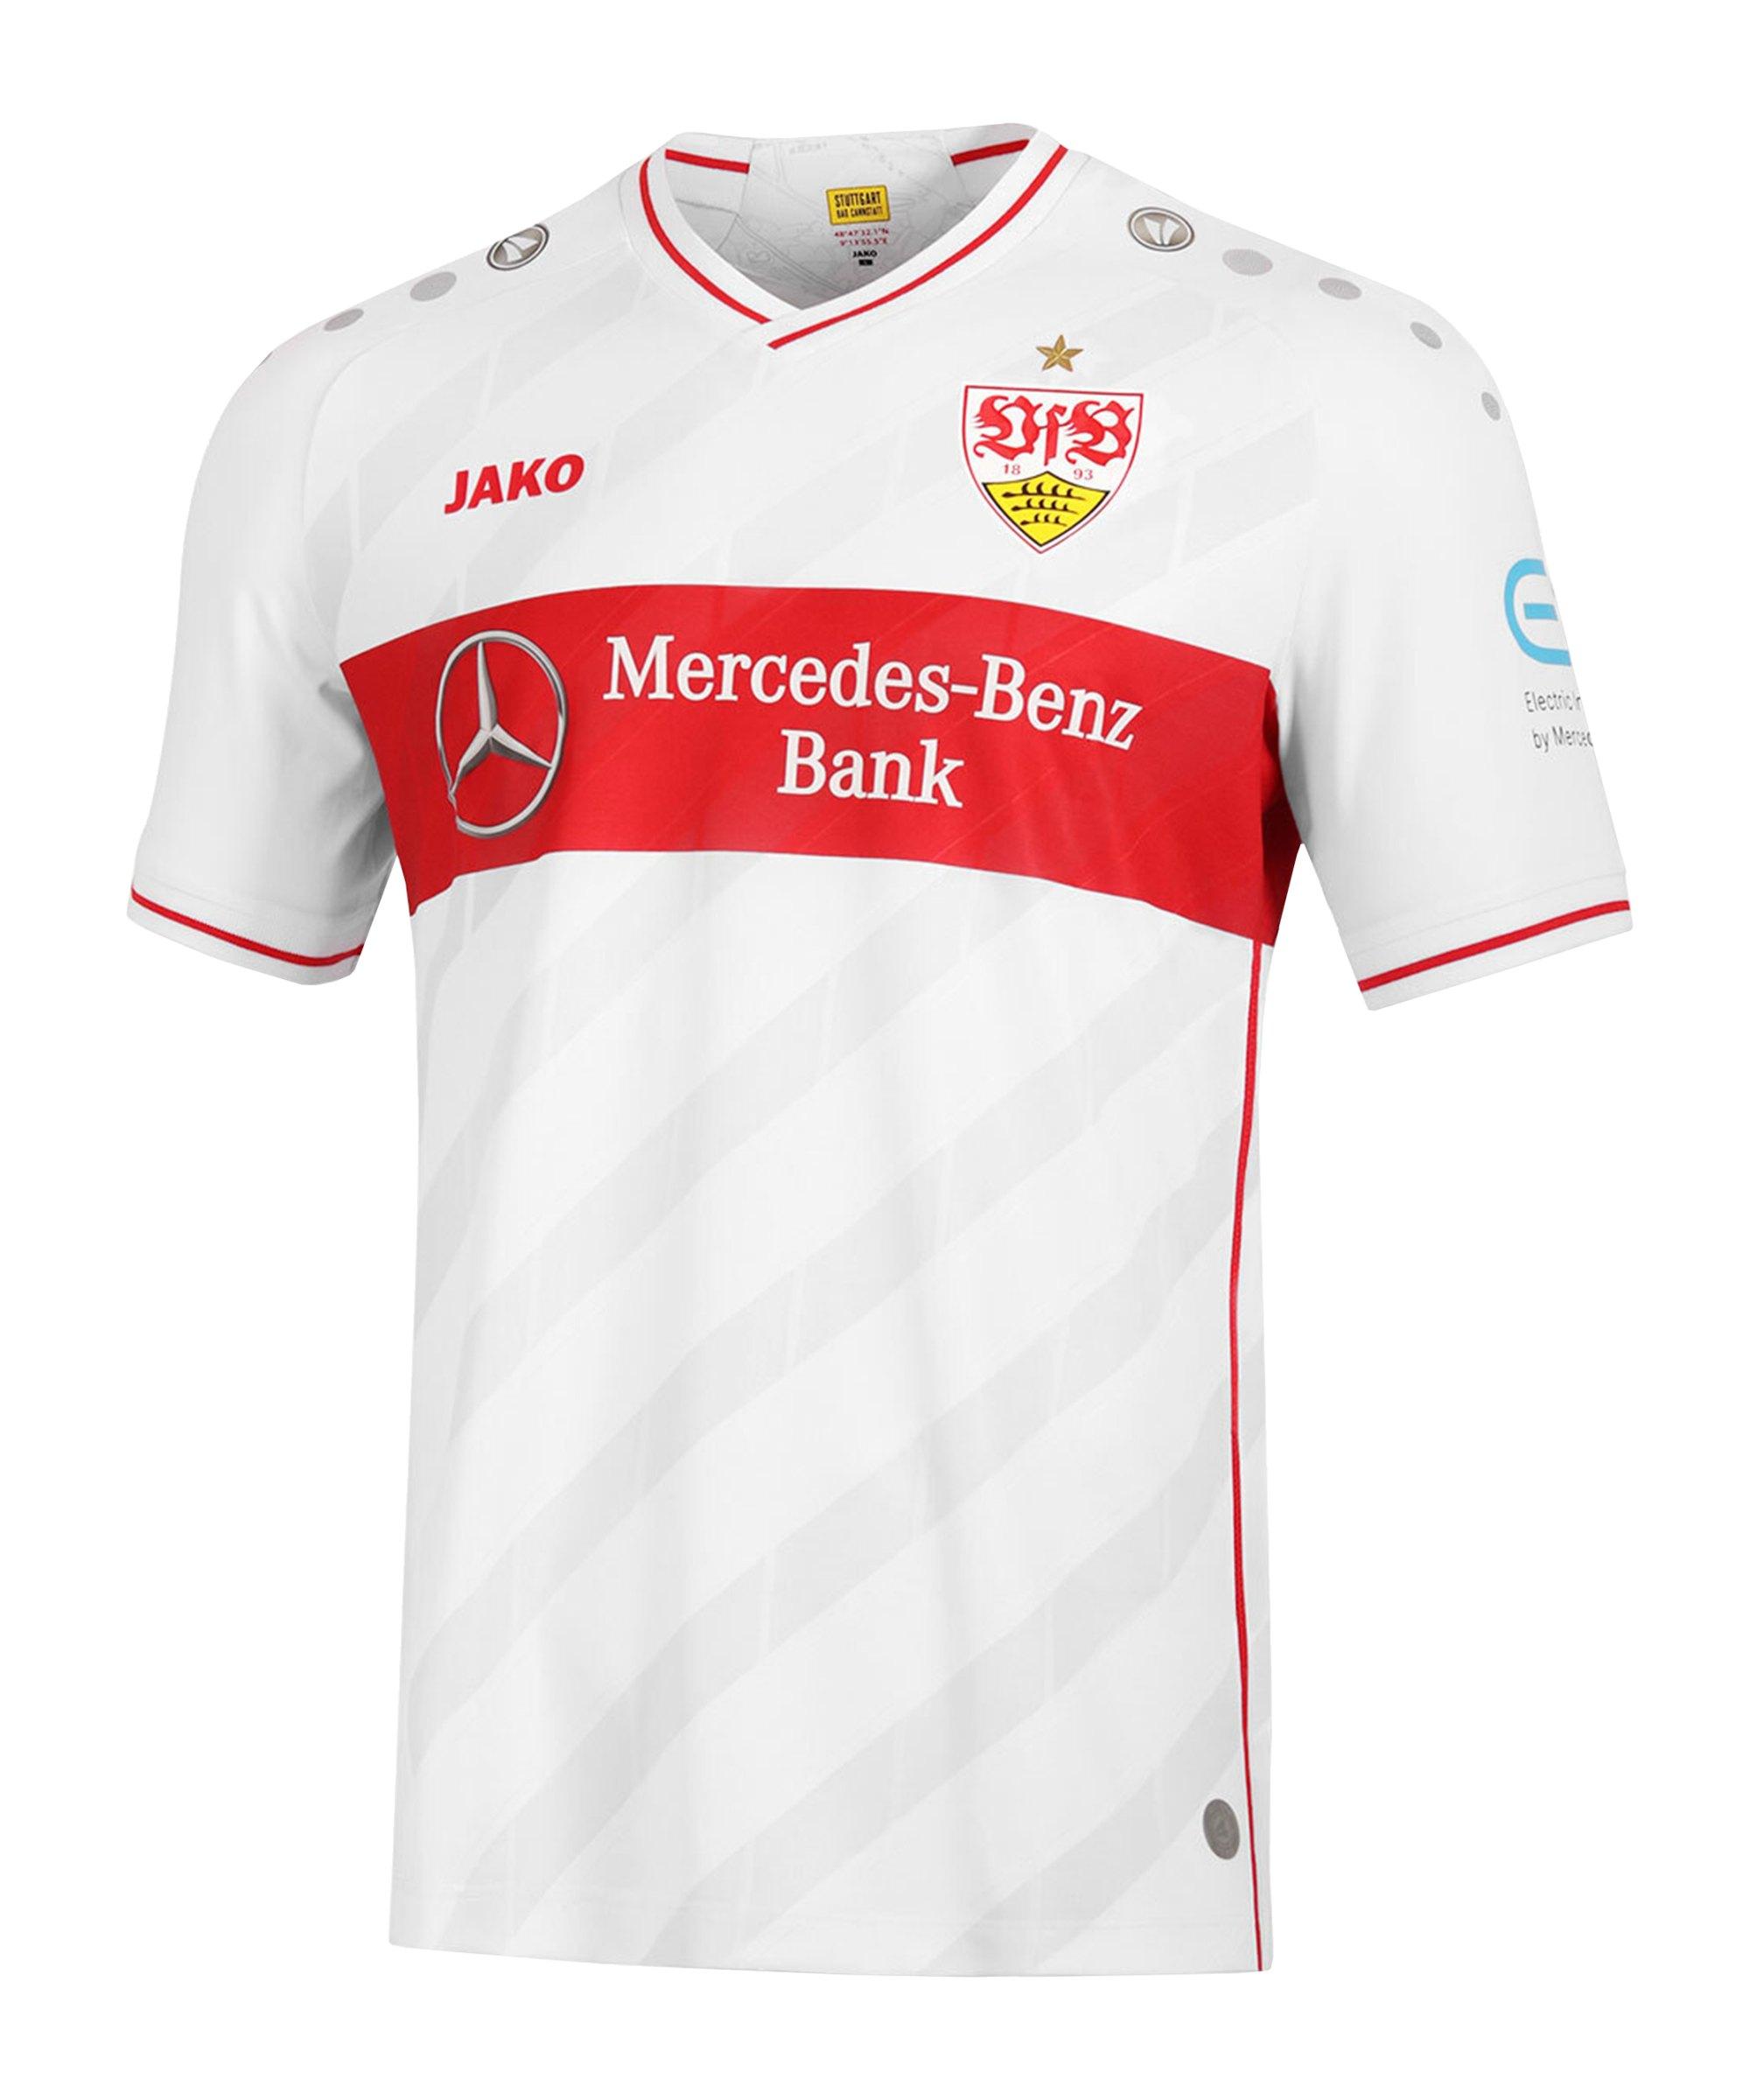 JAKO VfB Stuttgart Trikot Home 2020/2021 Kids Weiss F00 - weiss